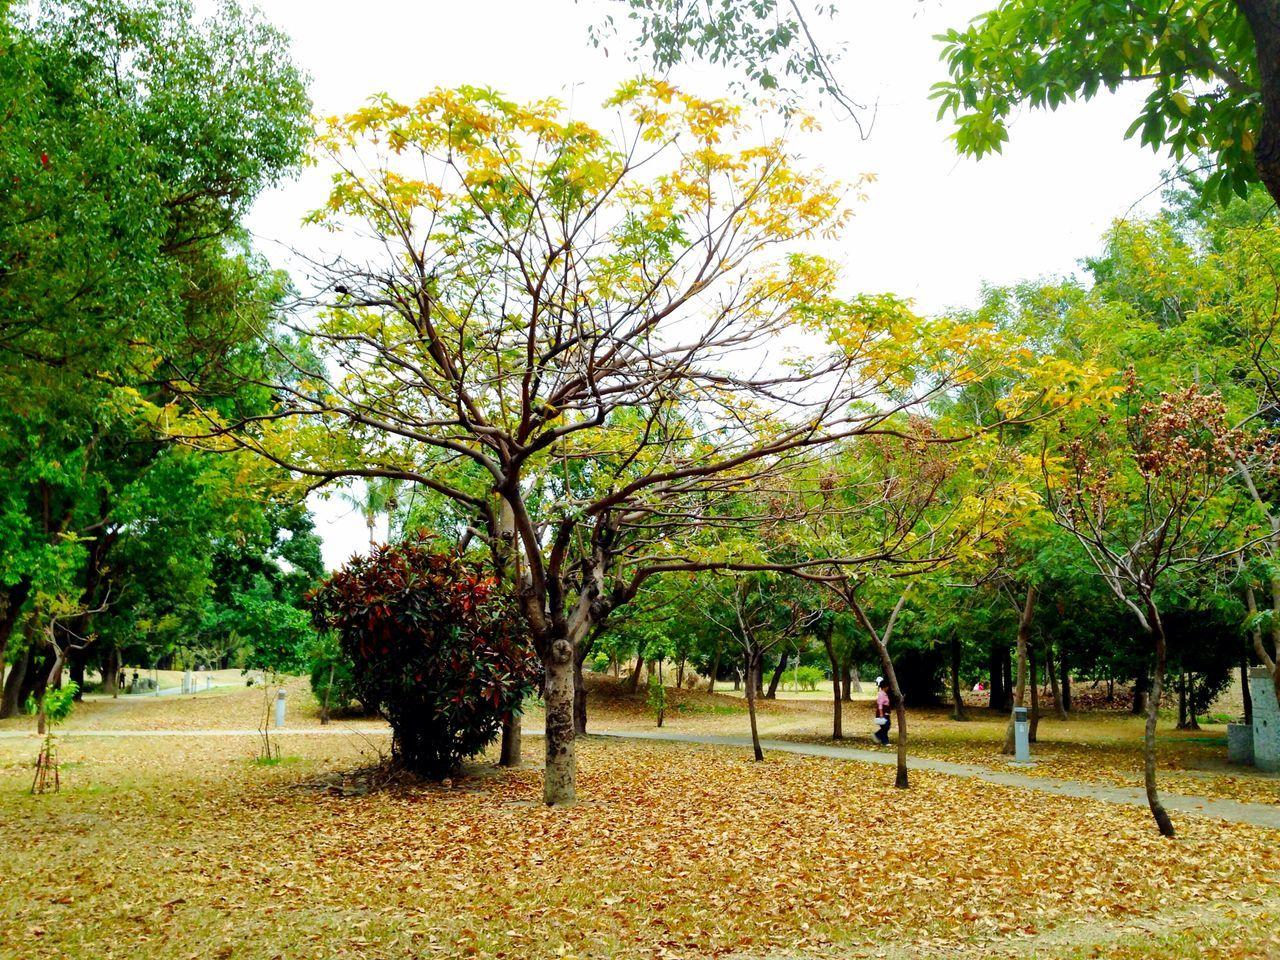 Trees Defoliation Landscape Park